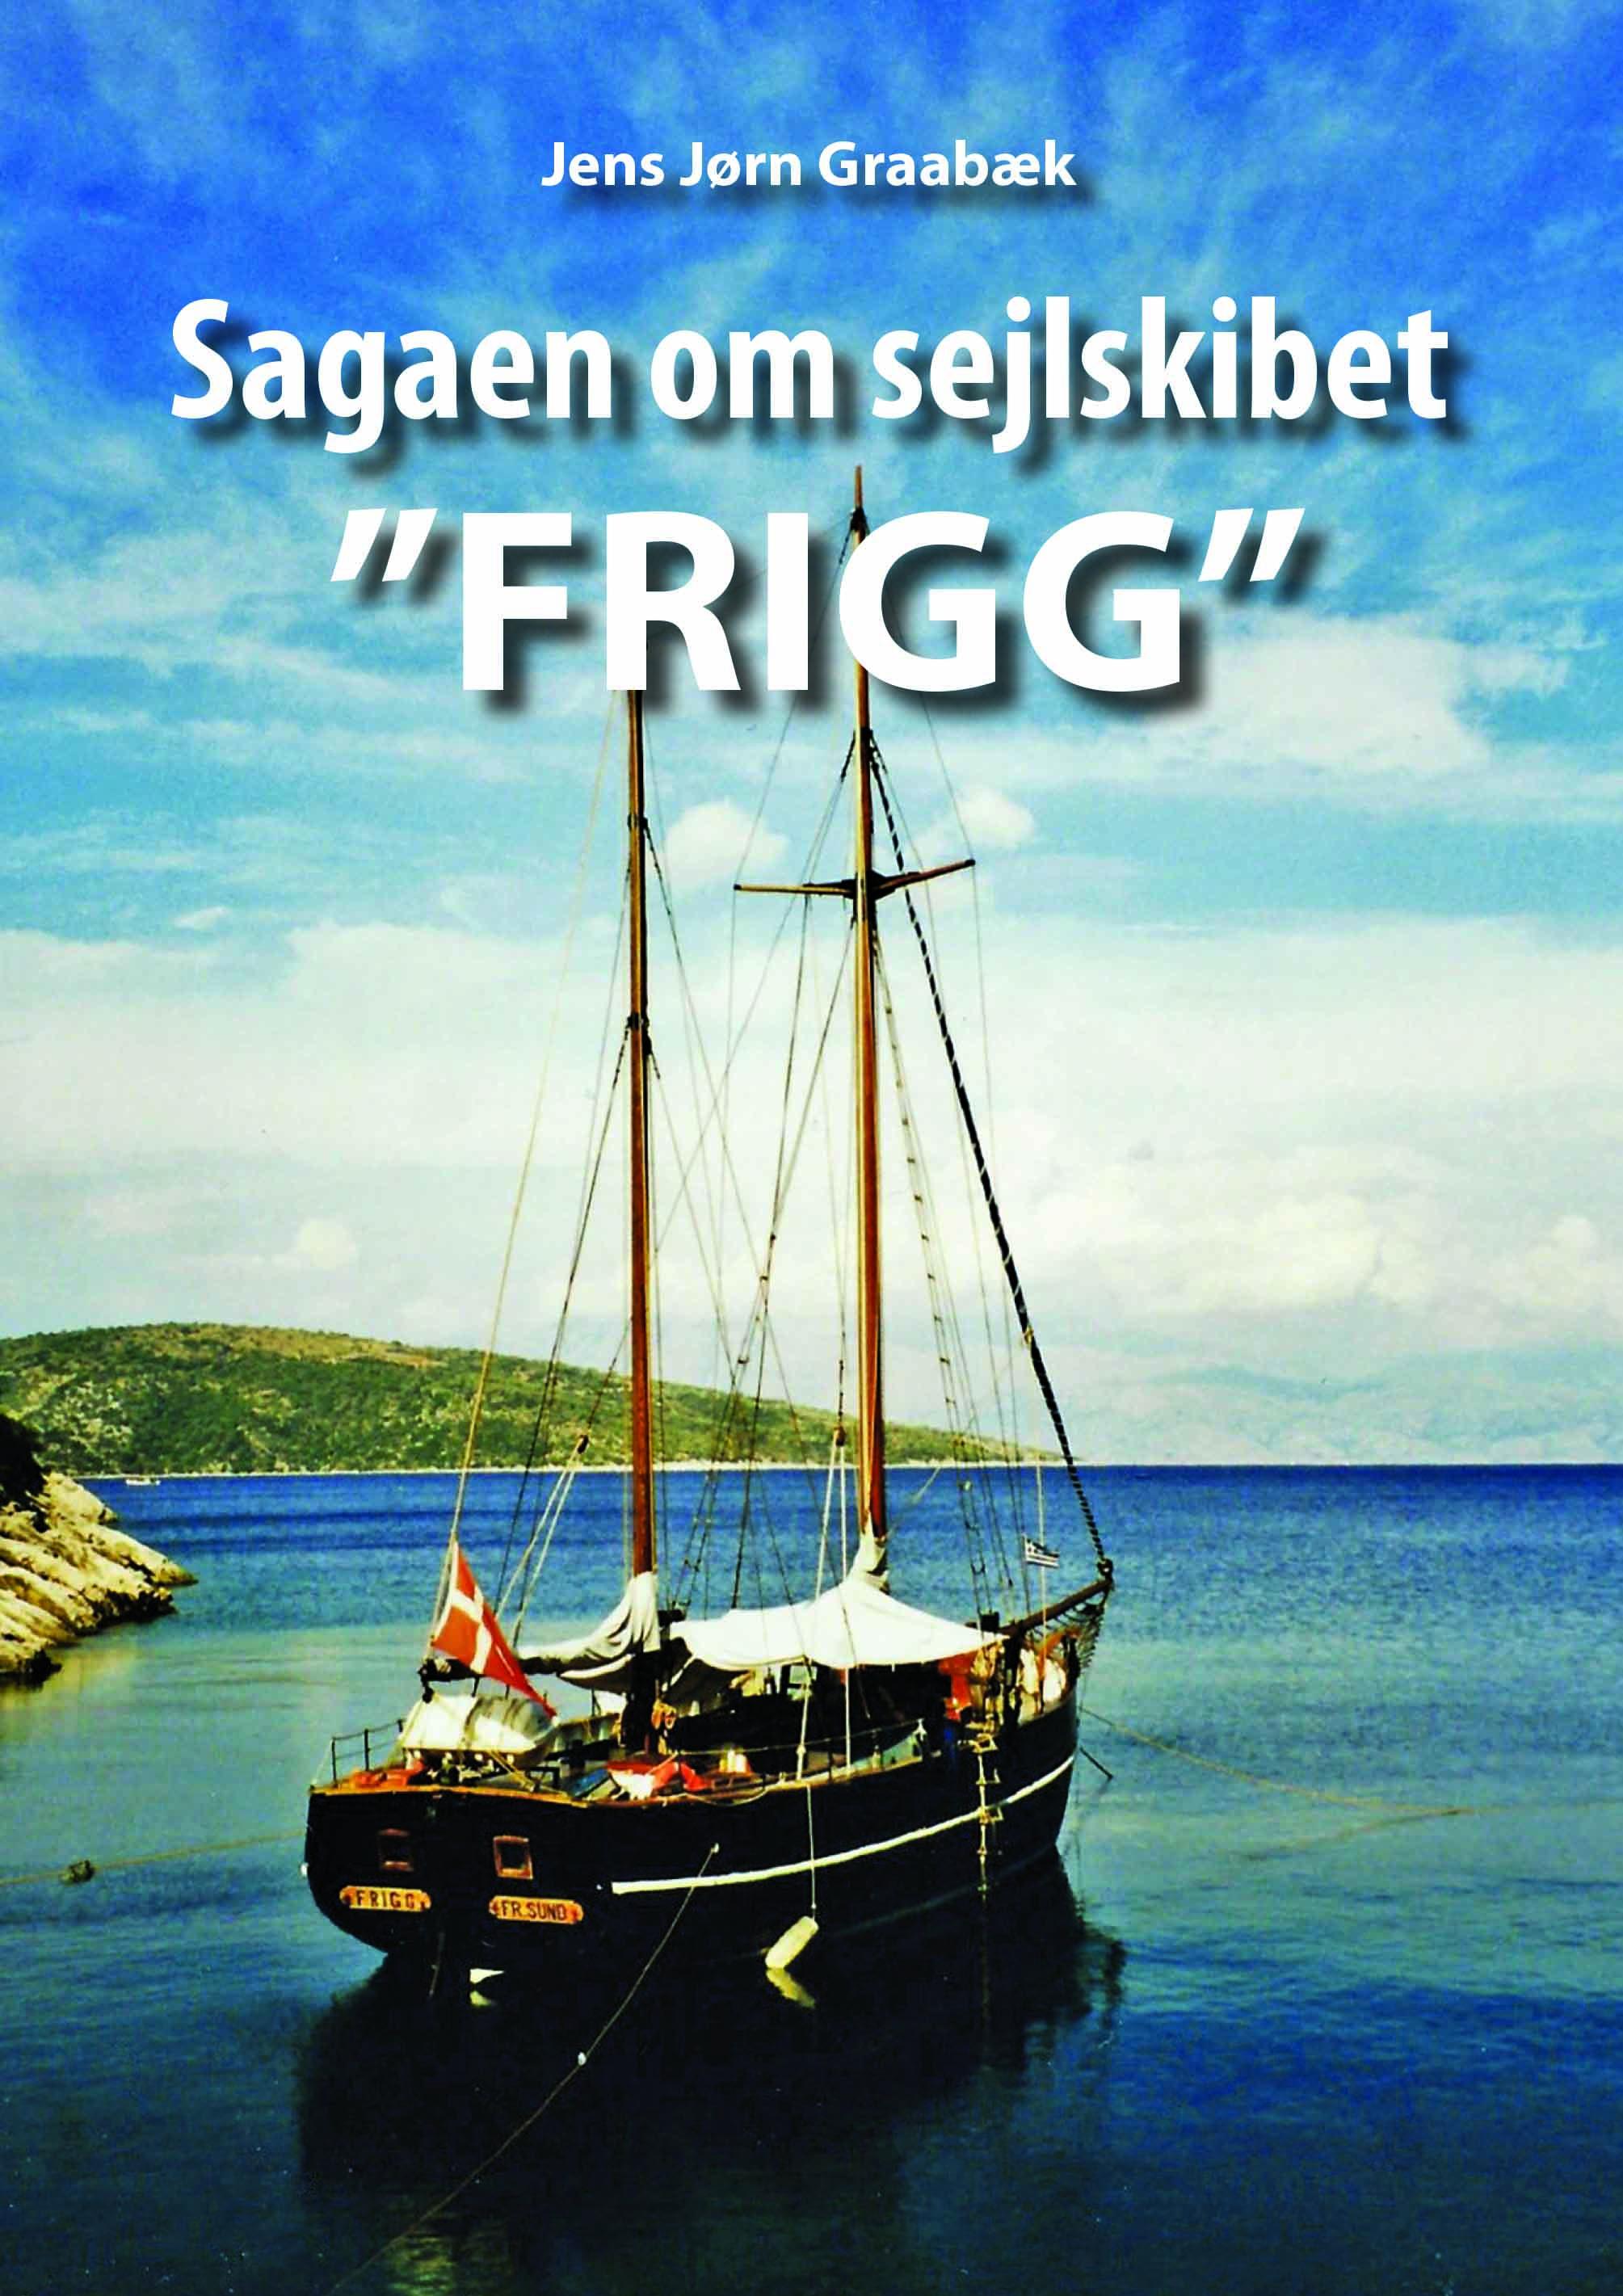 Sagaen om sejlskibet